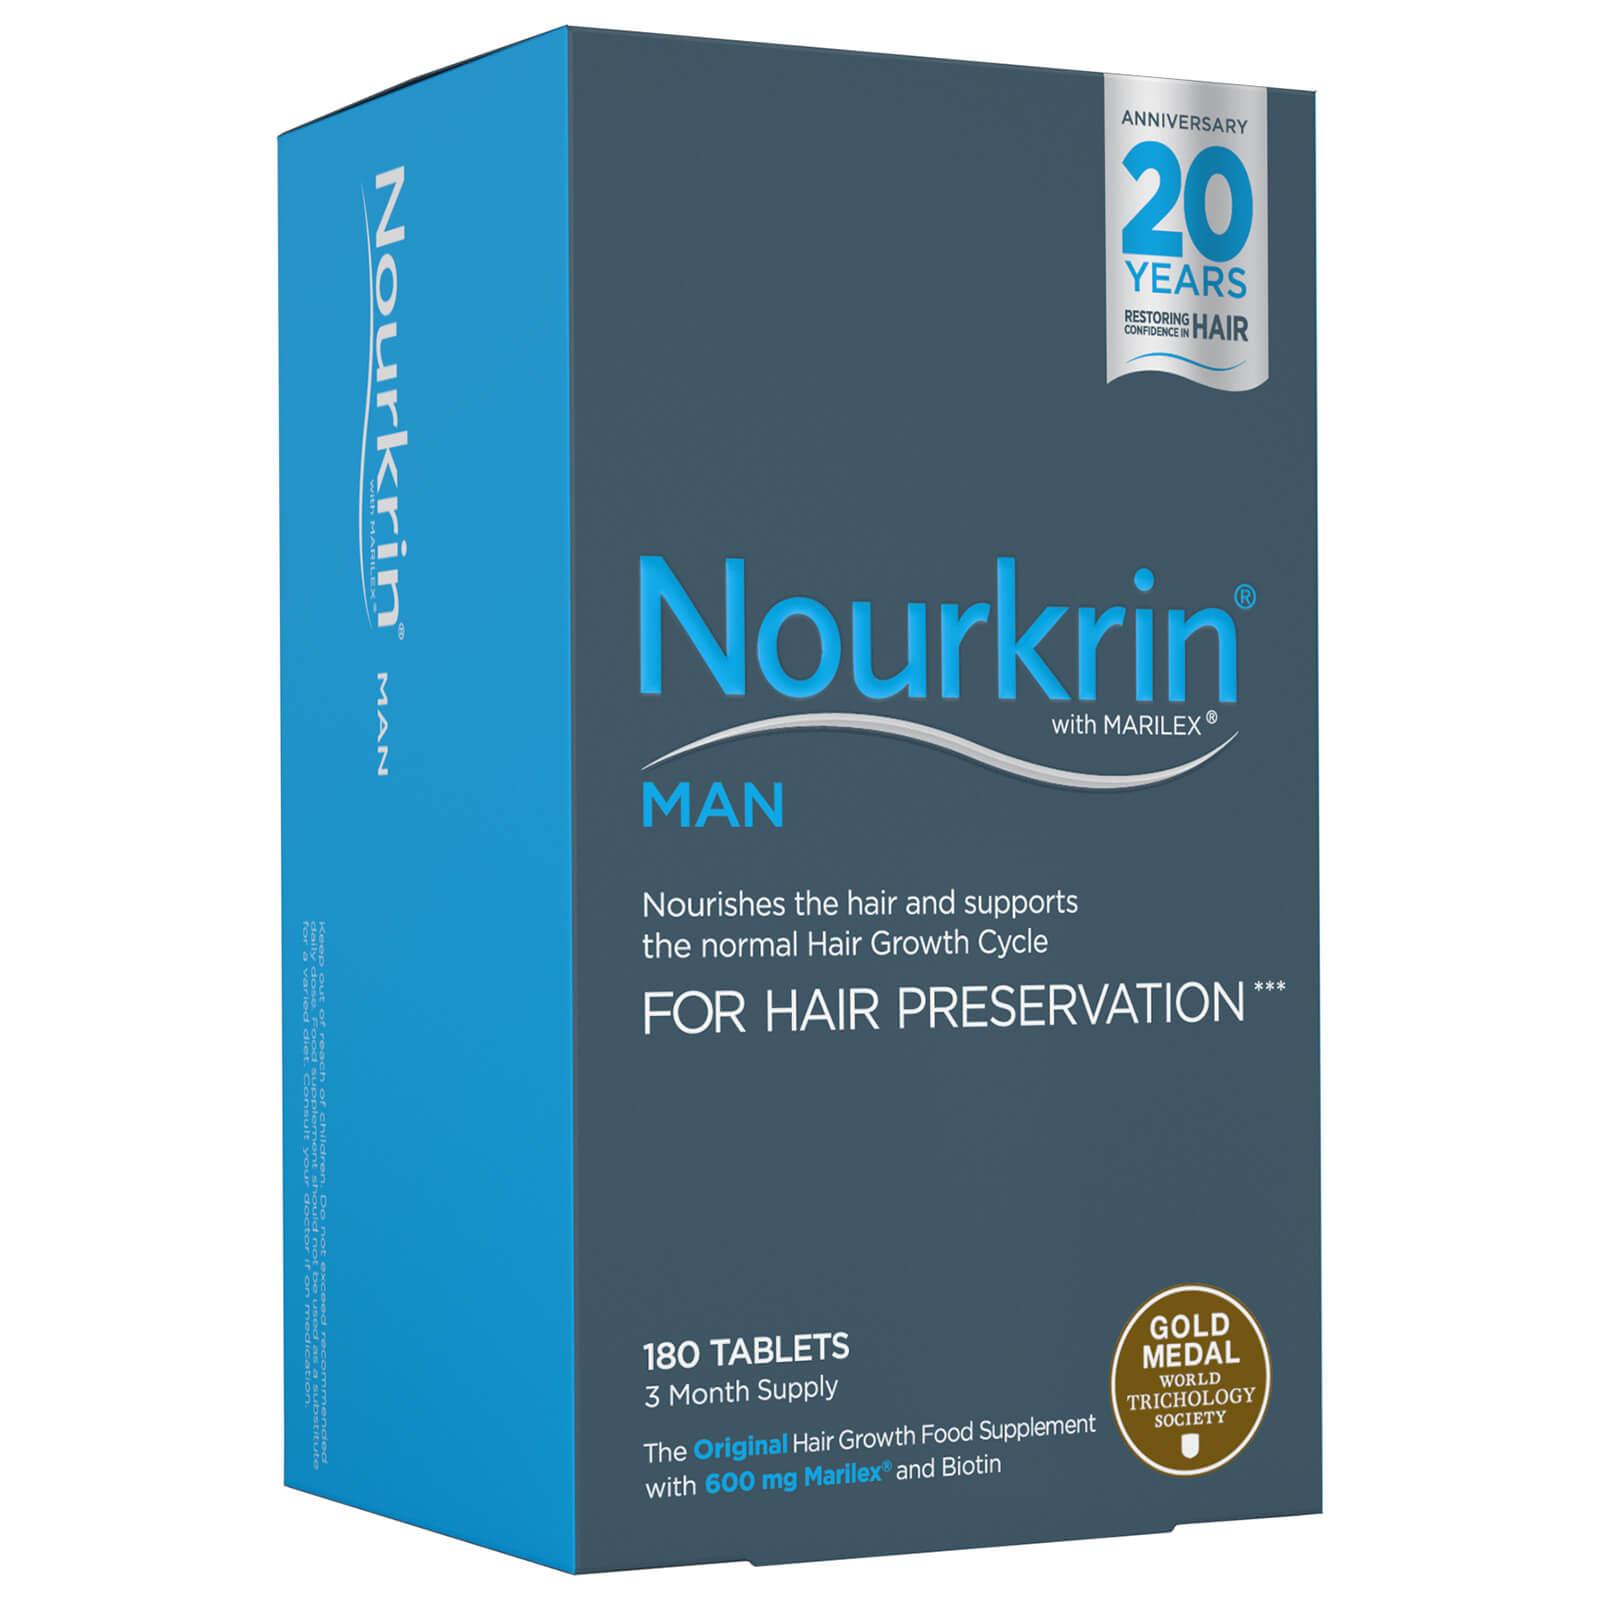 Nourkrin Man Starter Pack - fornitura di 3 mesi (180 compresse)